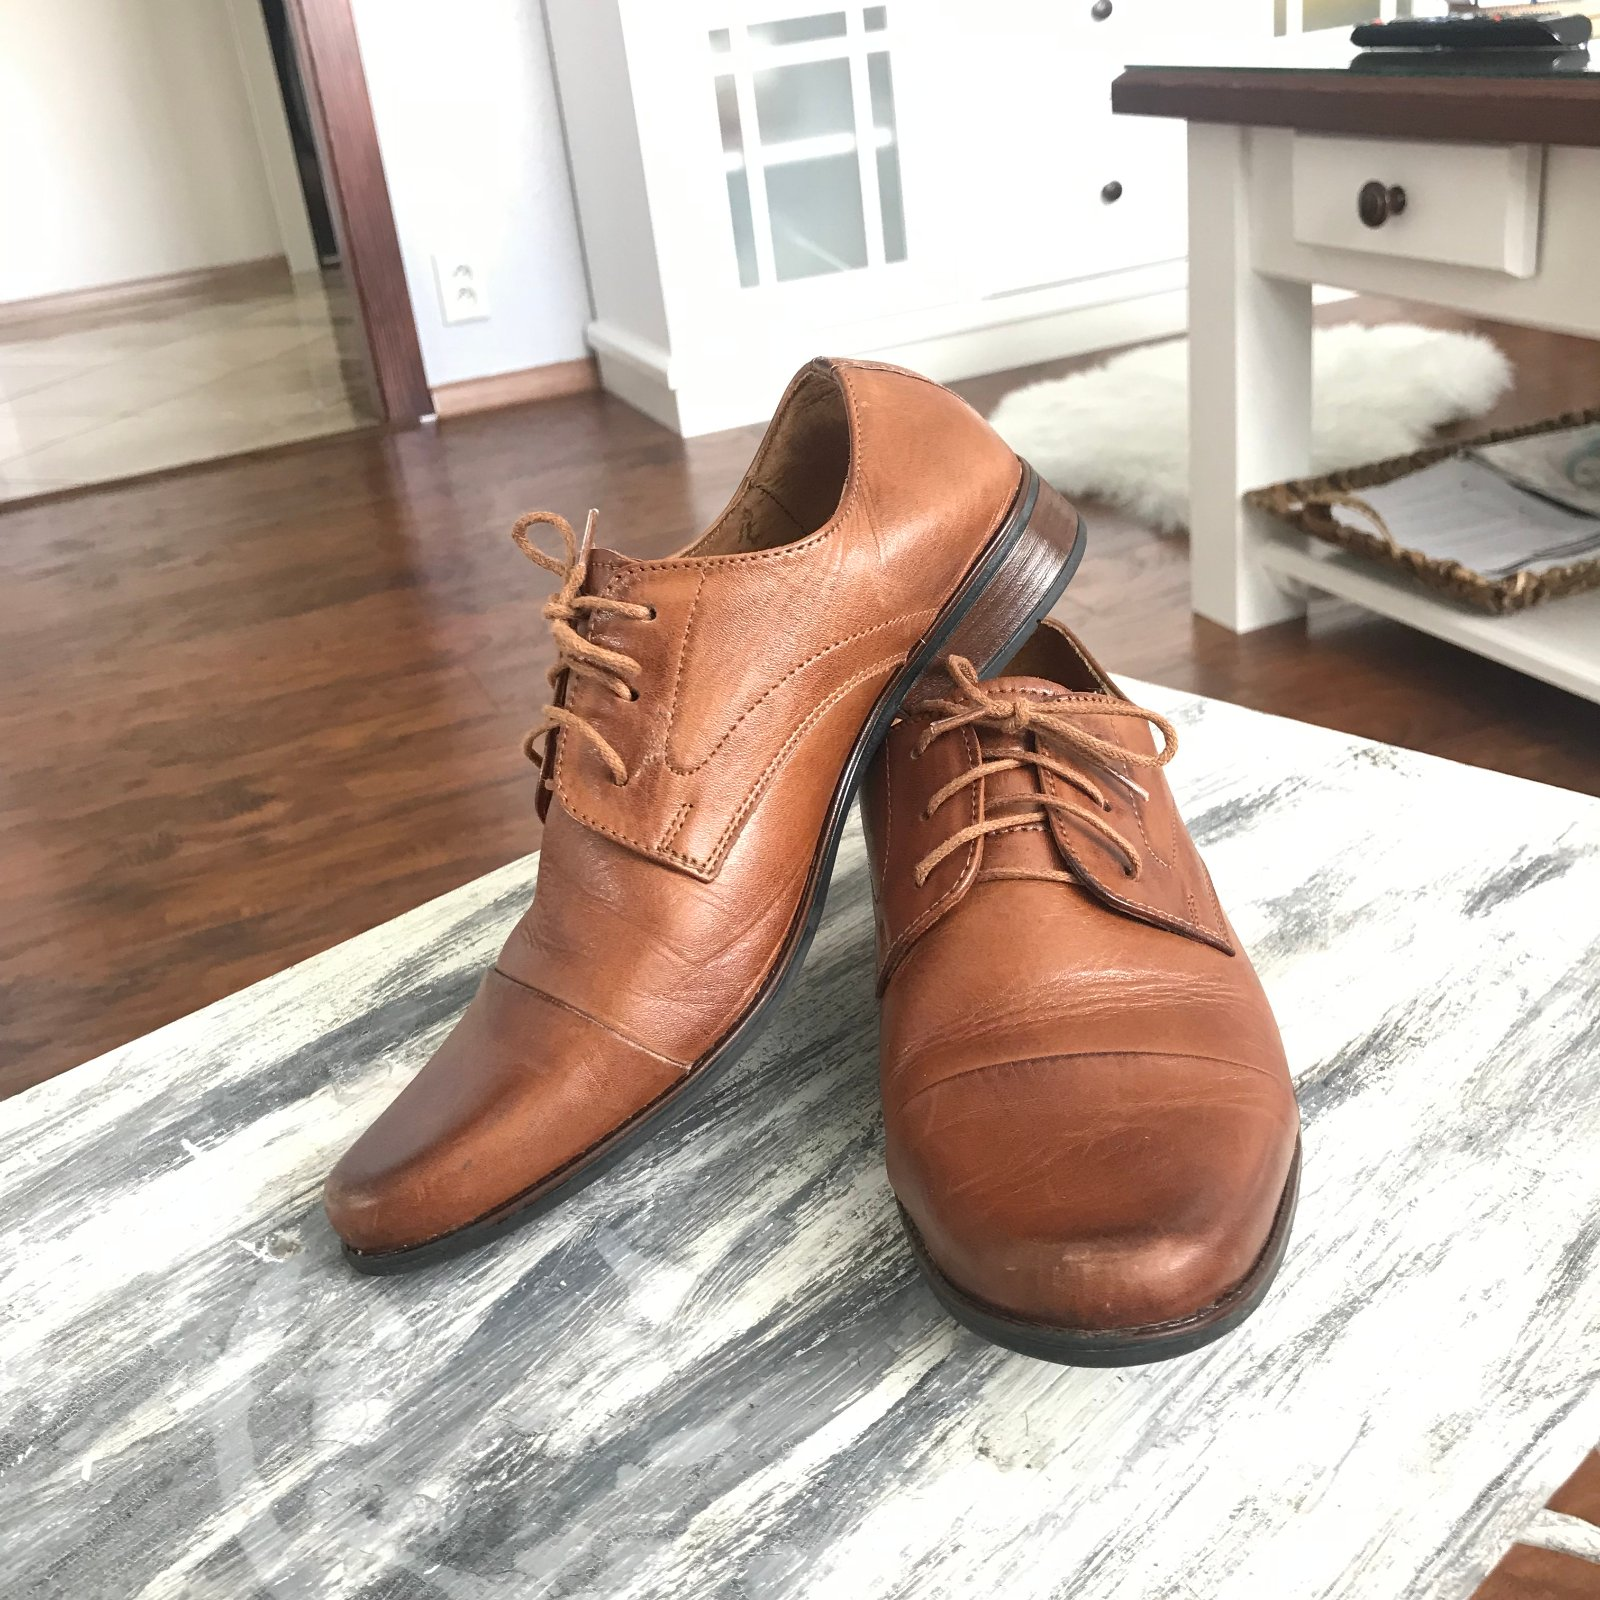 71eb43822 Dohoda vzdy možná pokial by mal niekto záujem o jednotlive kusyDohoda vzdy možná  pokial by mal niekto záujem o jednotlive kusy. Chlapčenská spoločenská obuv  ...